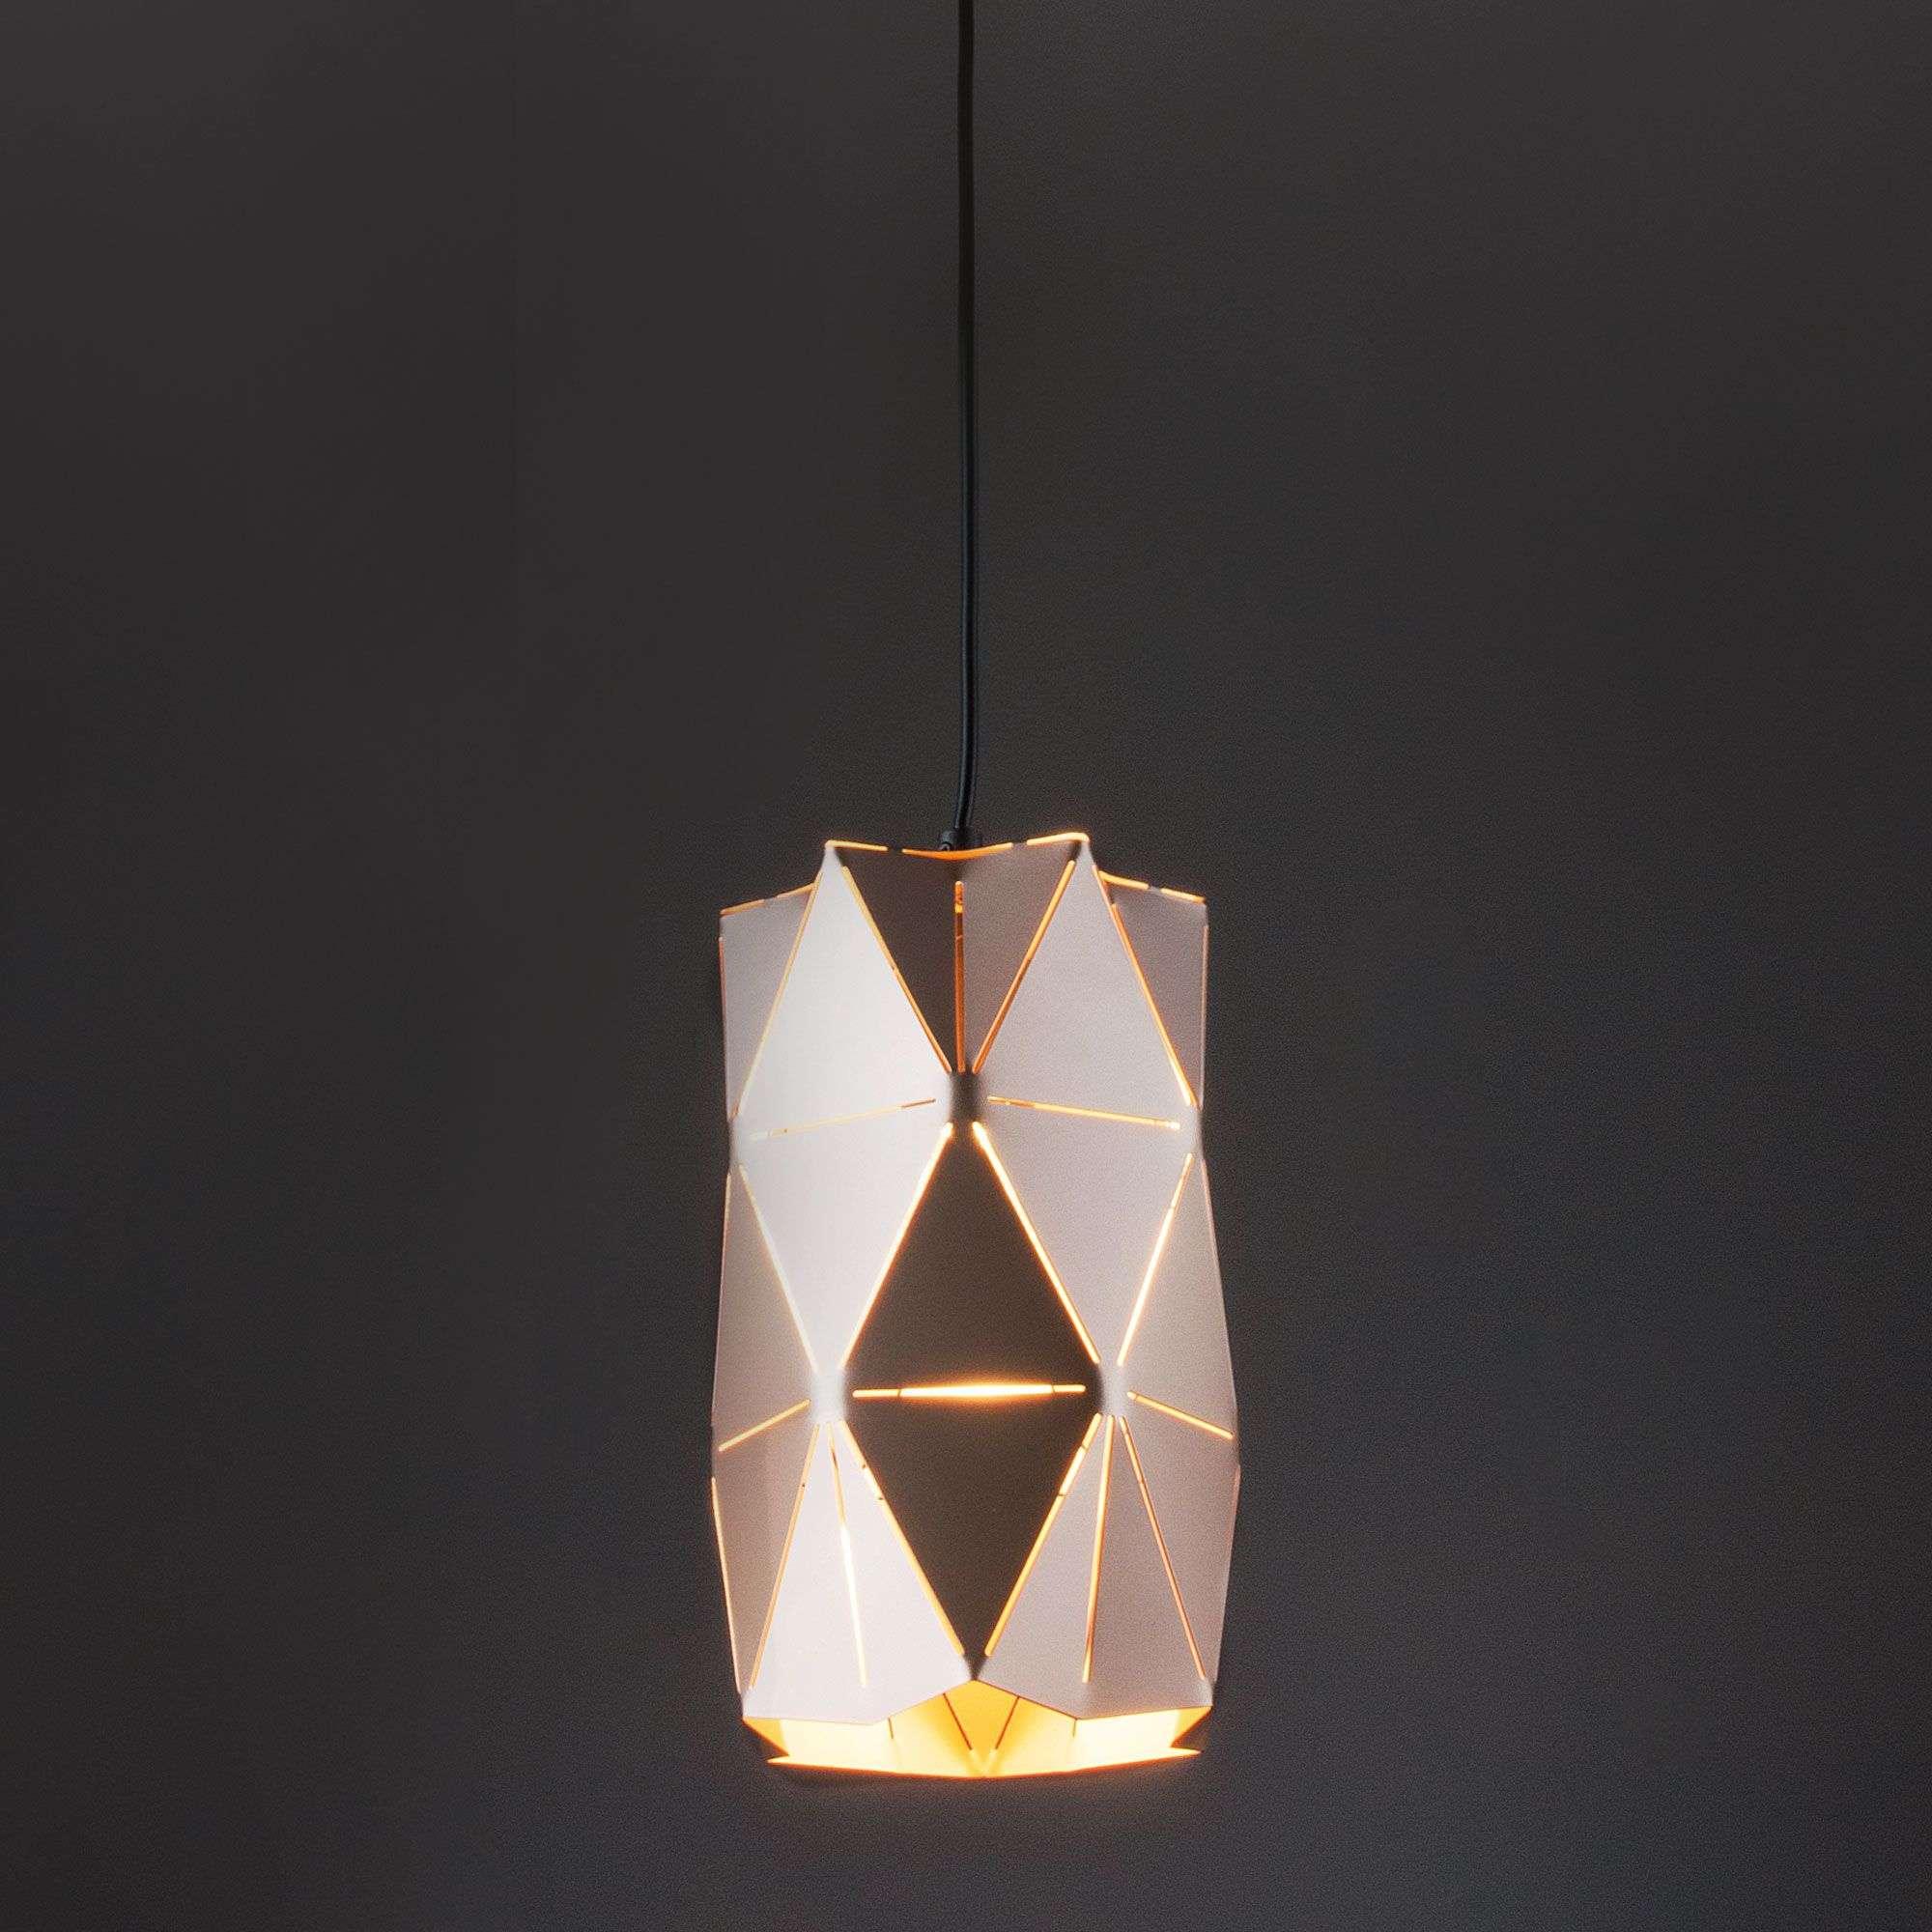 Светильник лофт подвесной на планке 50145/1 золотой